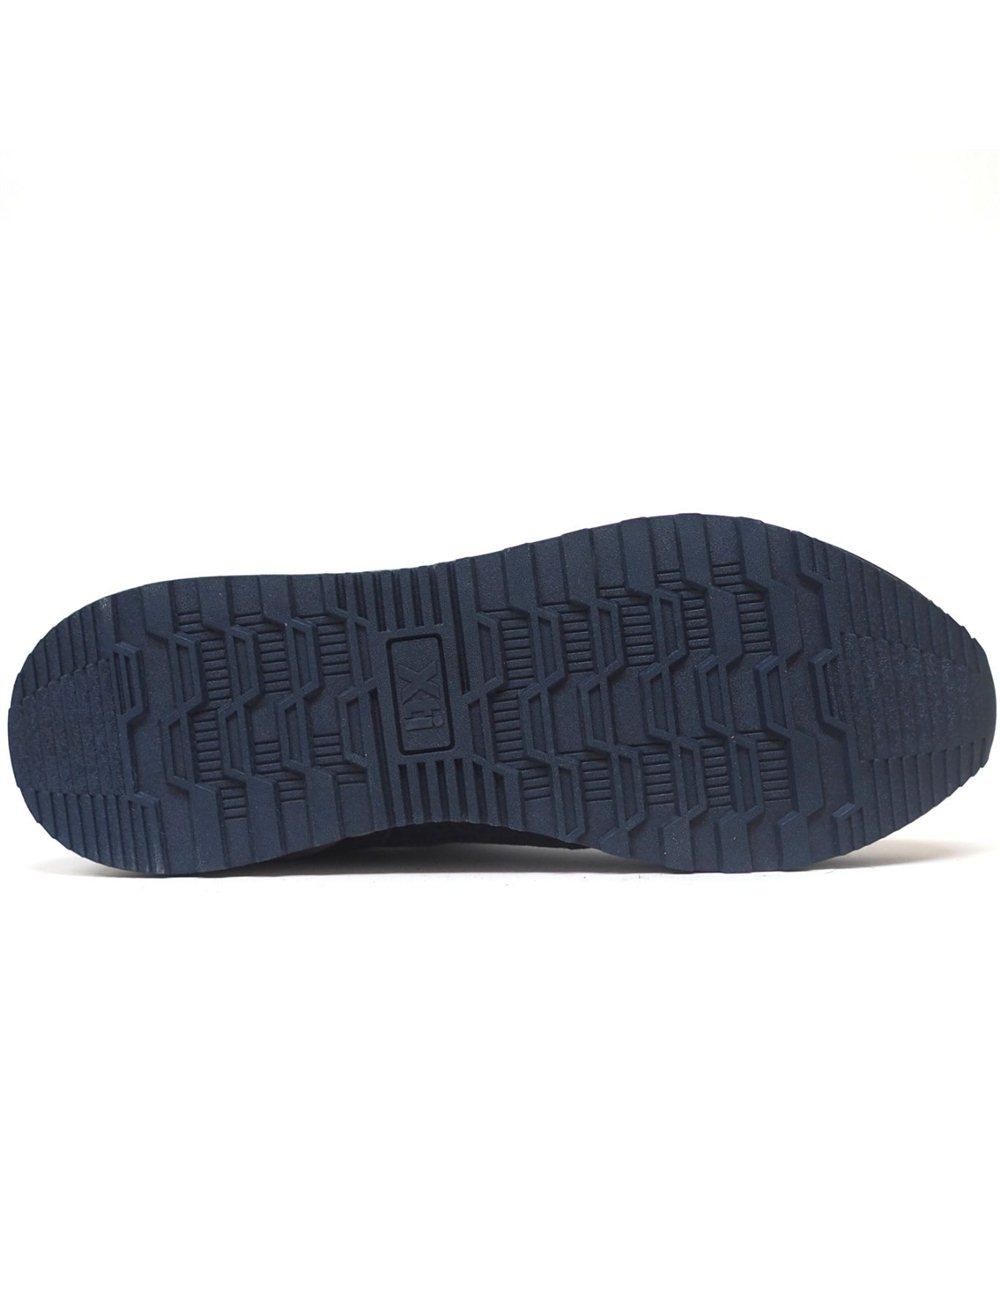 Zapatos Callaghan 18502 Azul-Cuero